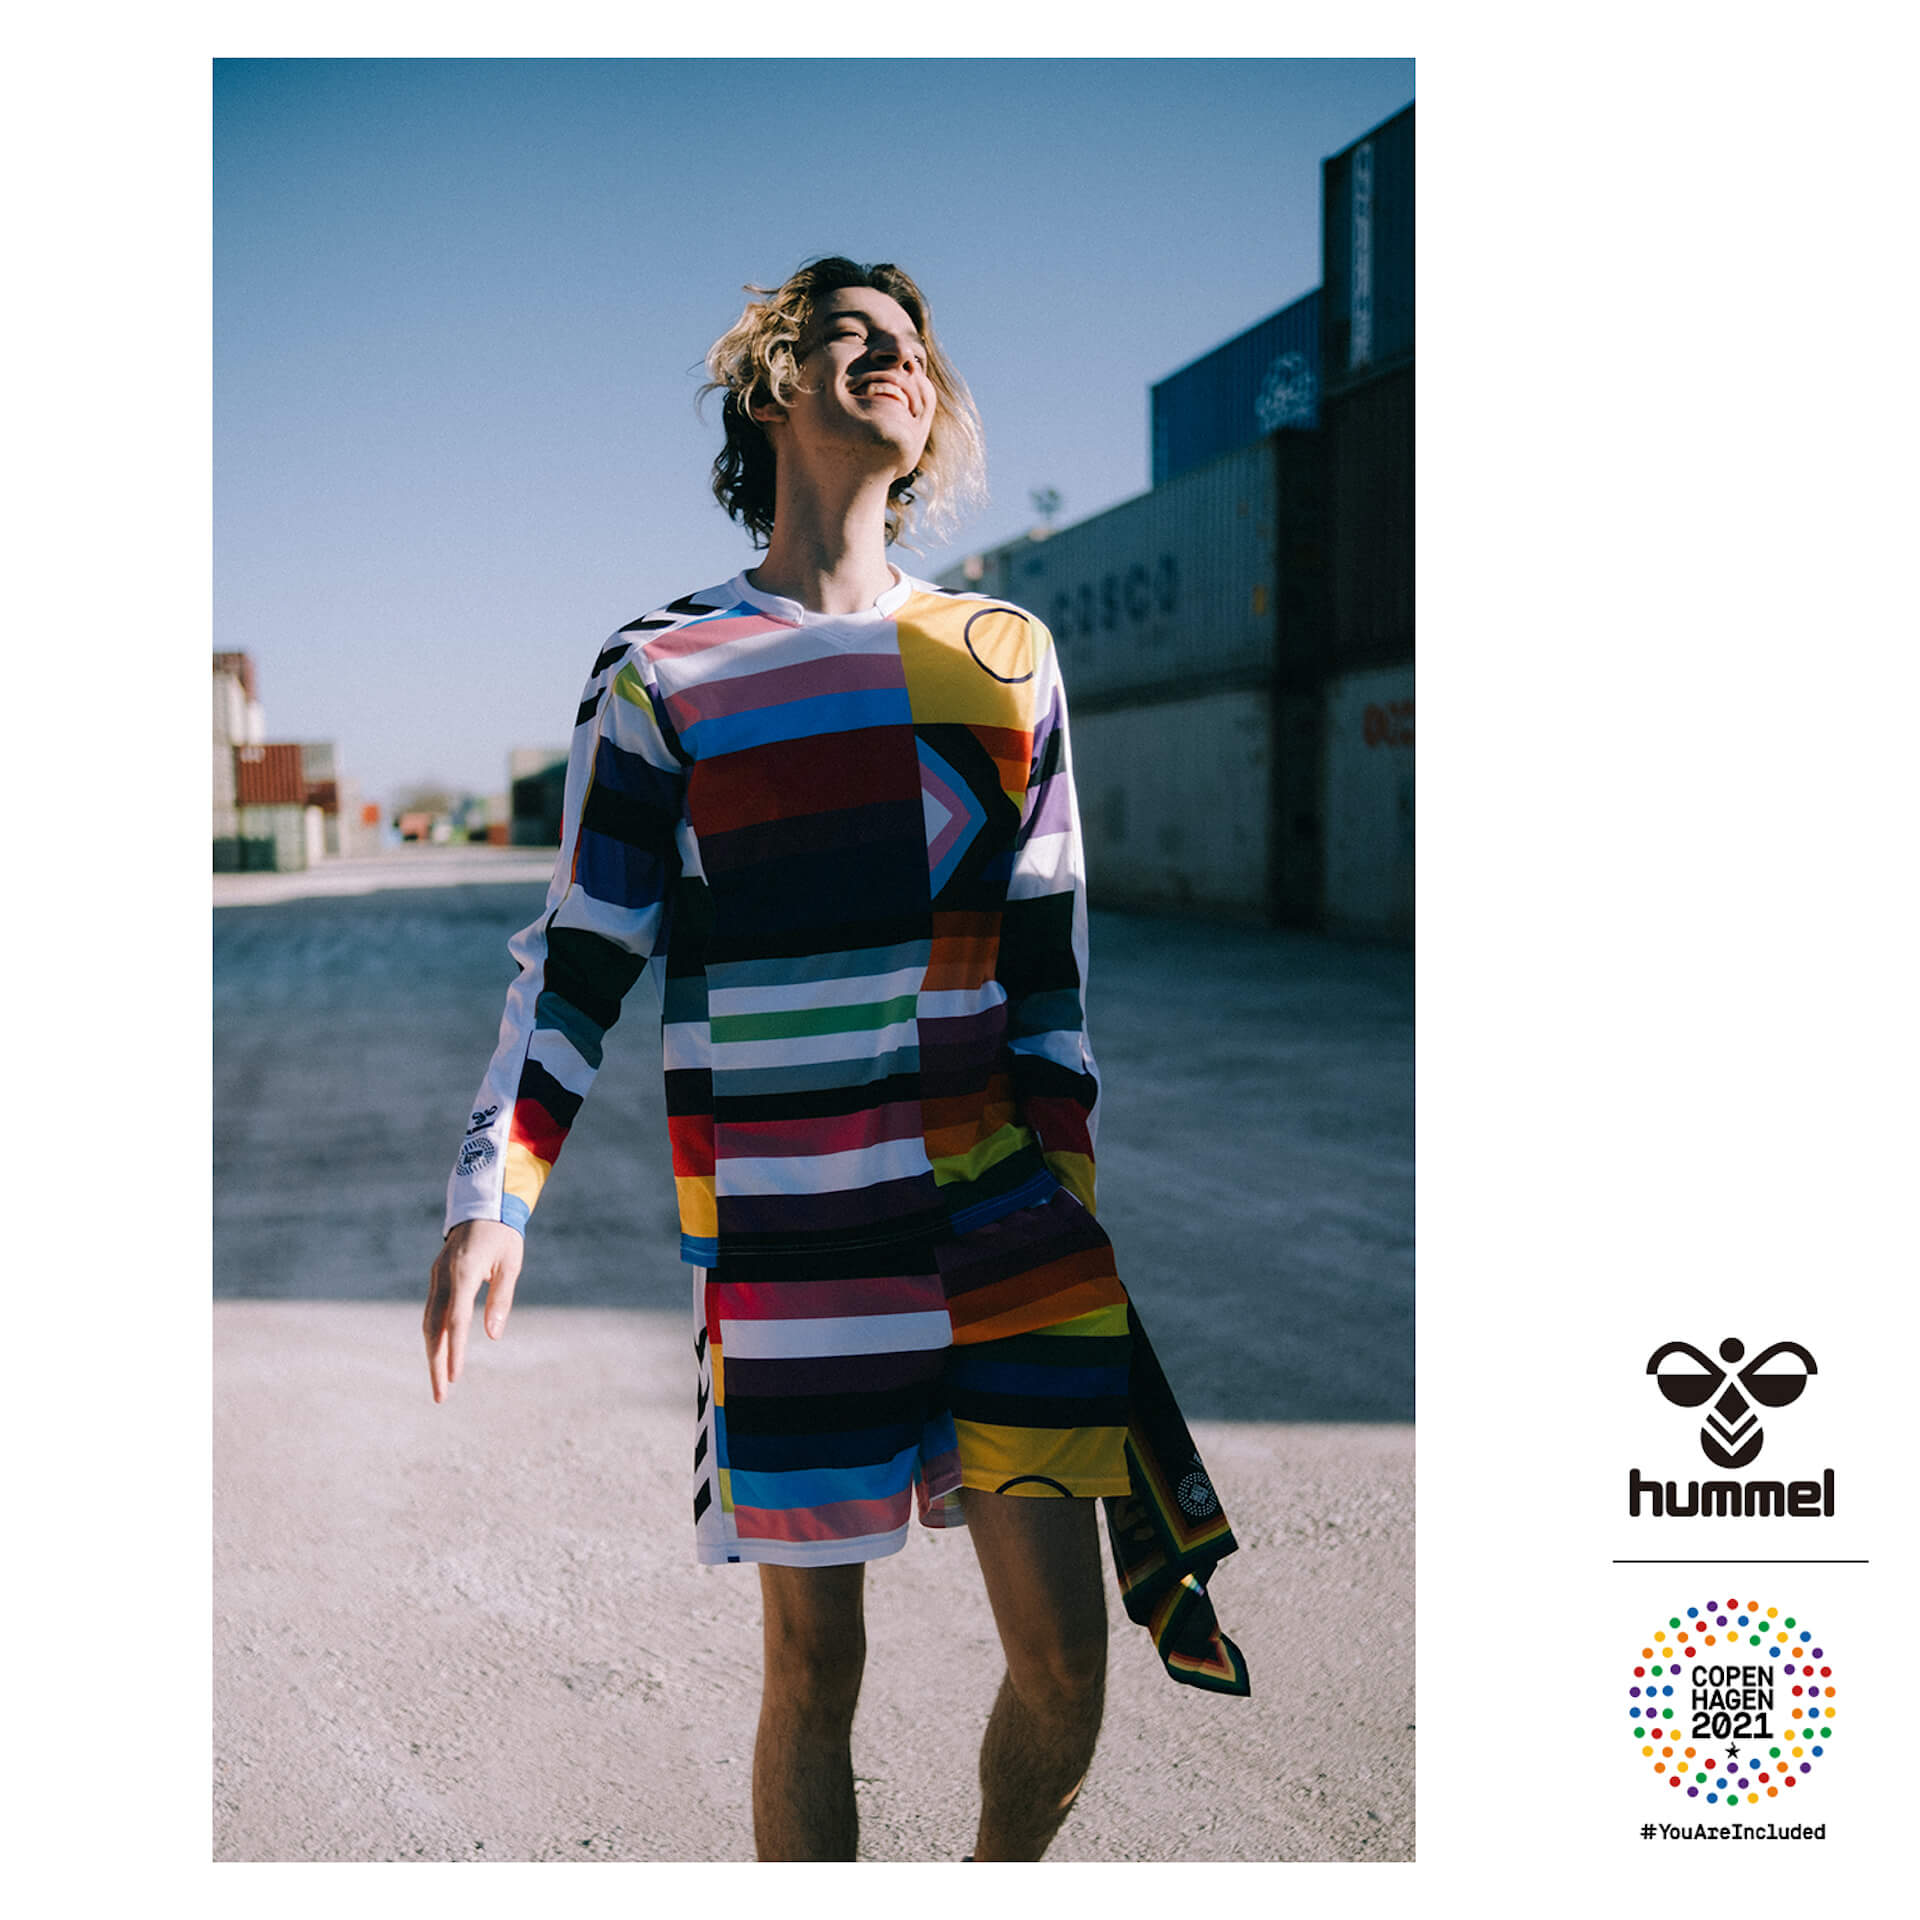 多様性を祝福する「ヒュンメル×コペンハーゲン 2021」コラボグッズが限定発売! Fashion_210706_hummel16